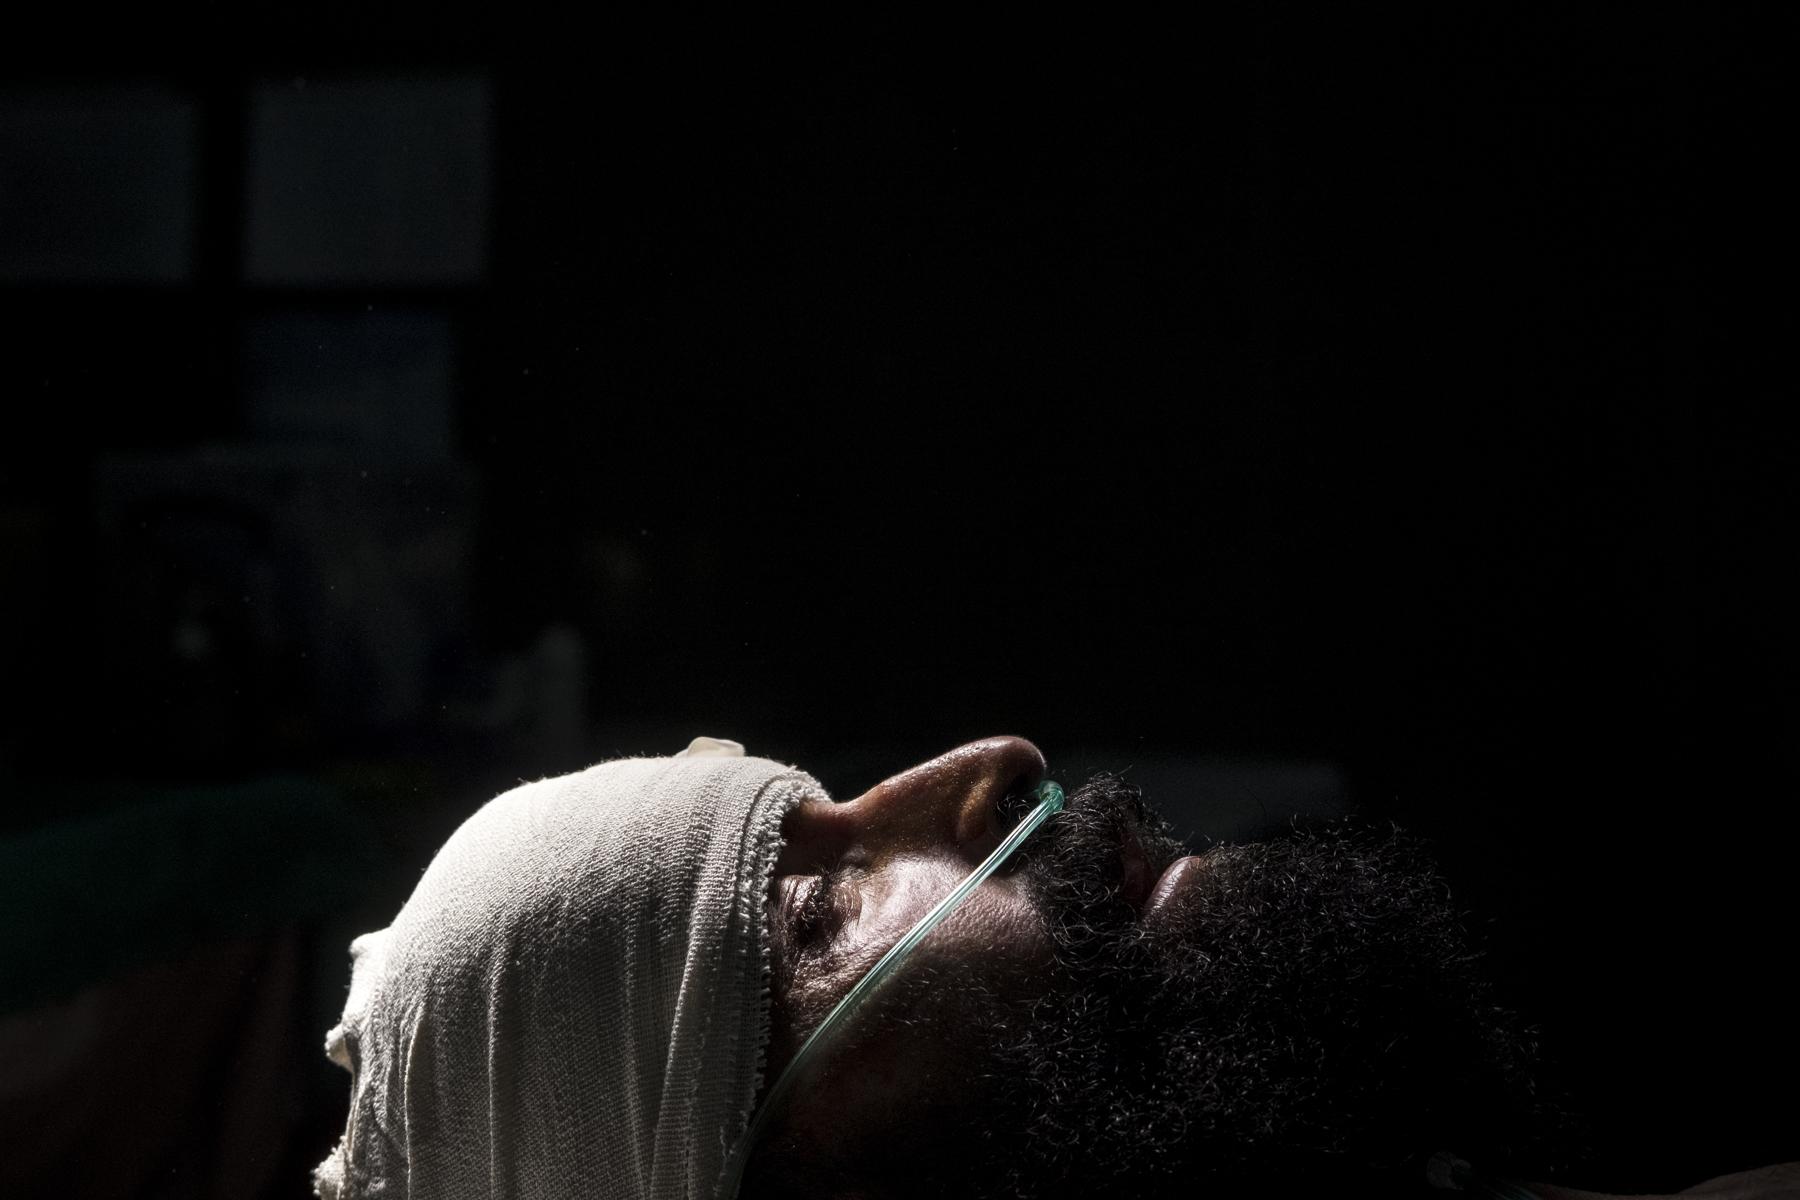 MW_Afgha_Emergency_Lash_10-14-17_0917.JPG